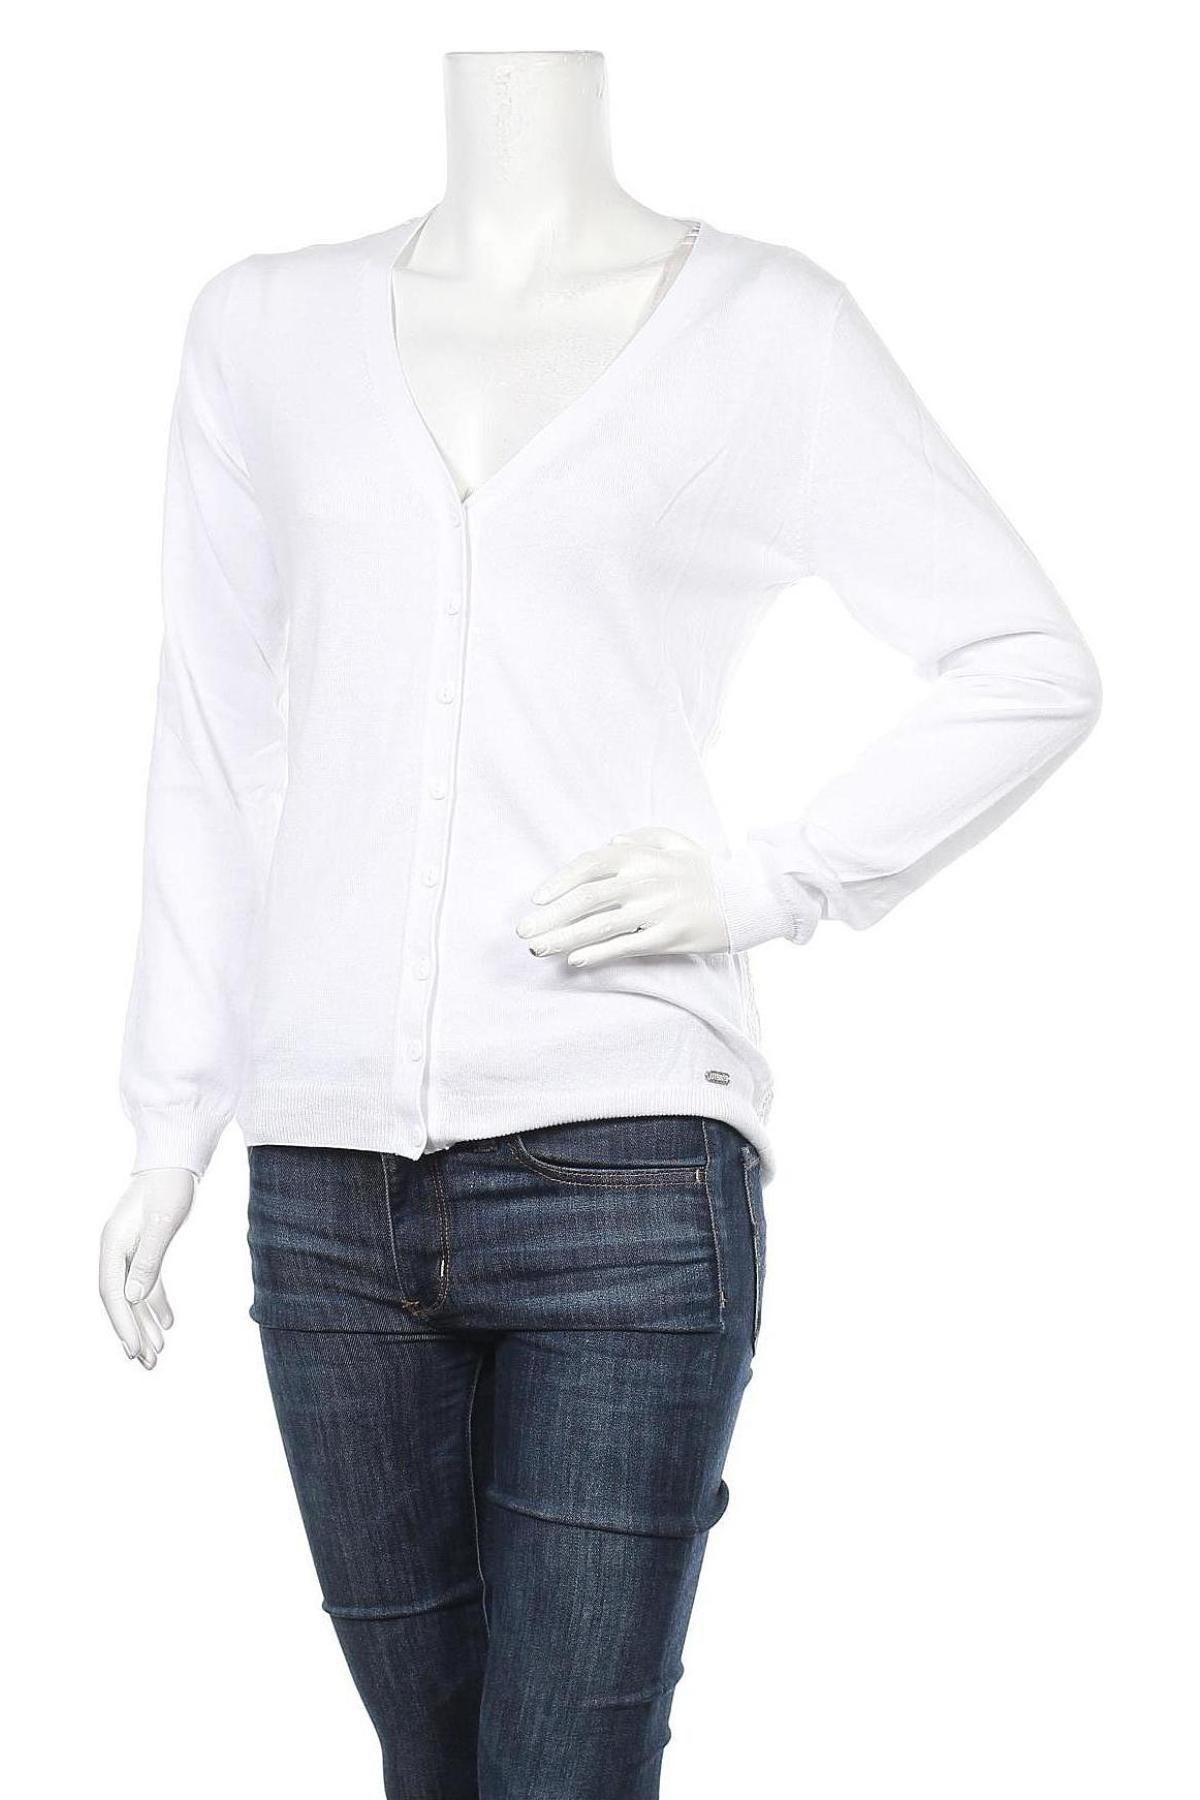 Γυναικεία ζακέτα Guess, Μέγεθος XL, Χρώμα Λευκό, 60% βαμβάκι, 40% βισκόζη, Τιμή 13,30€